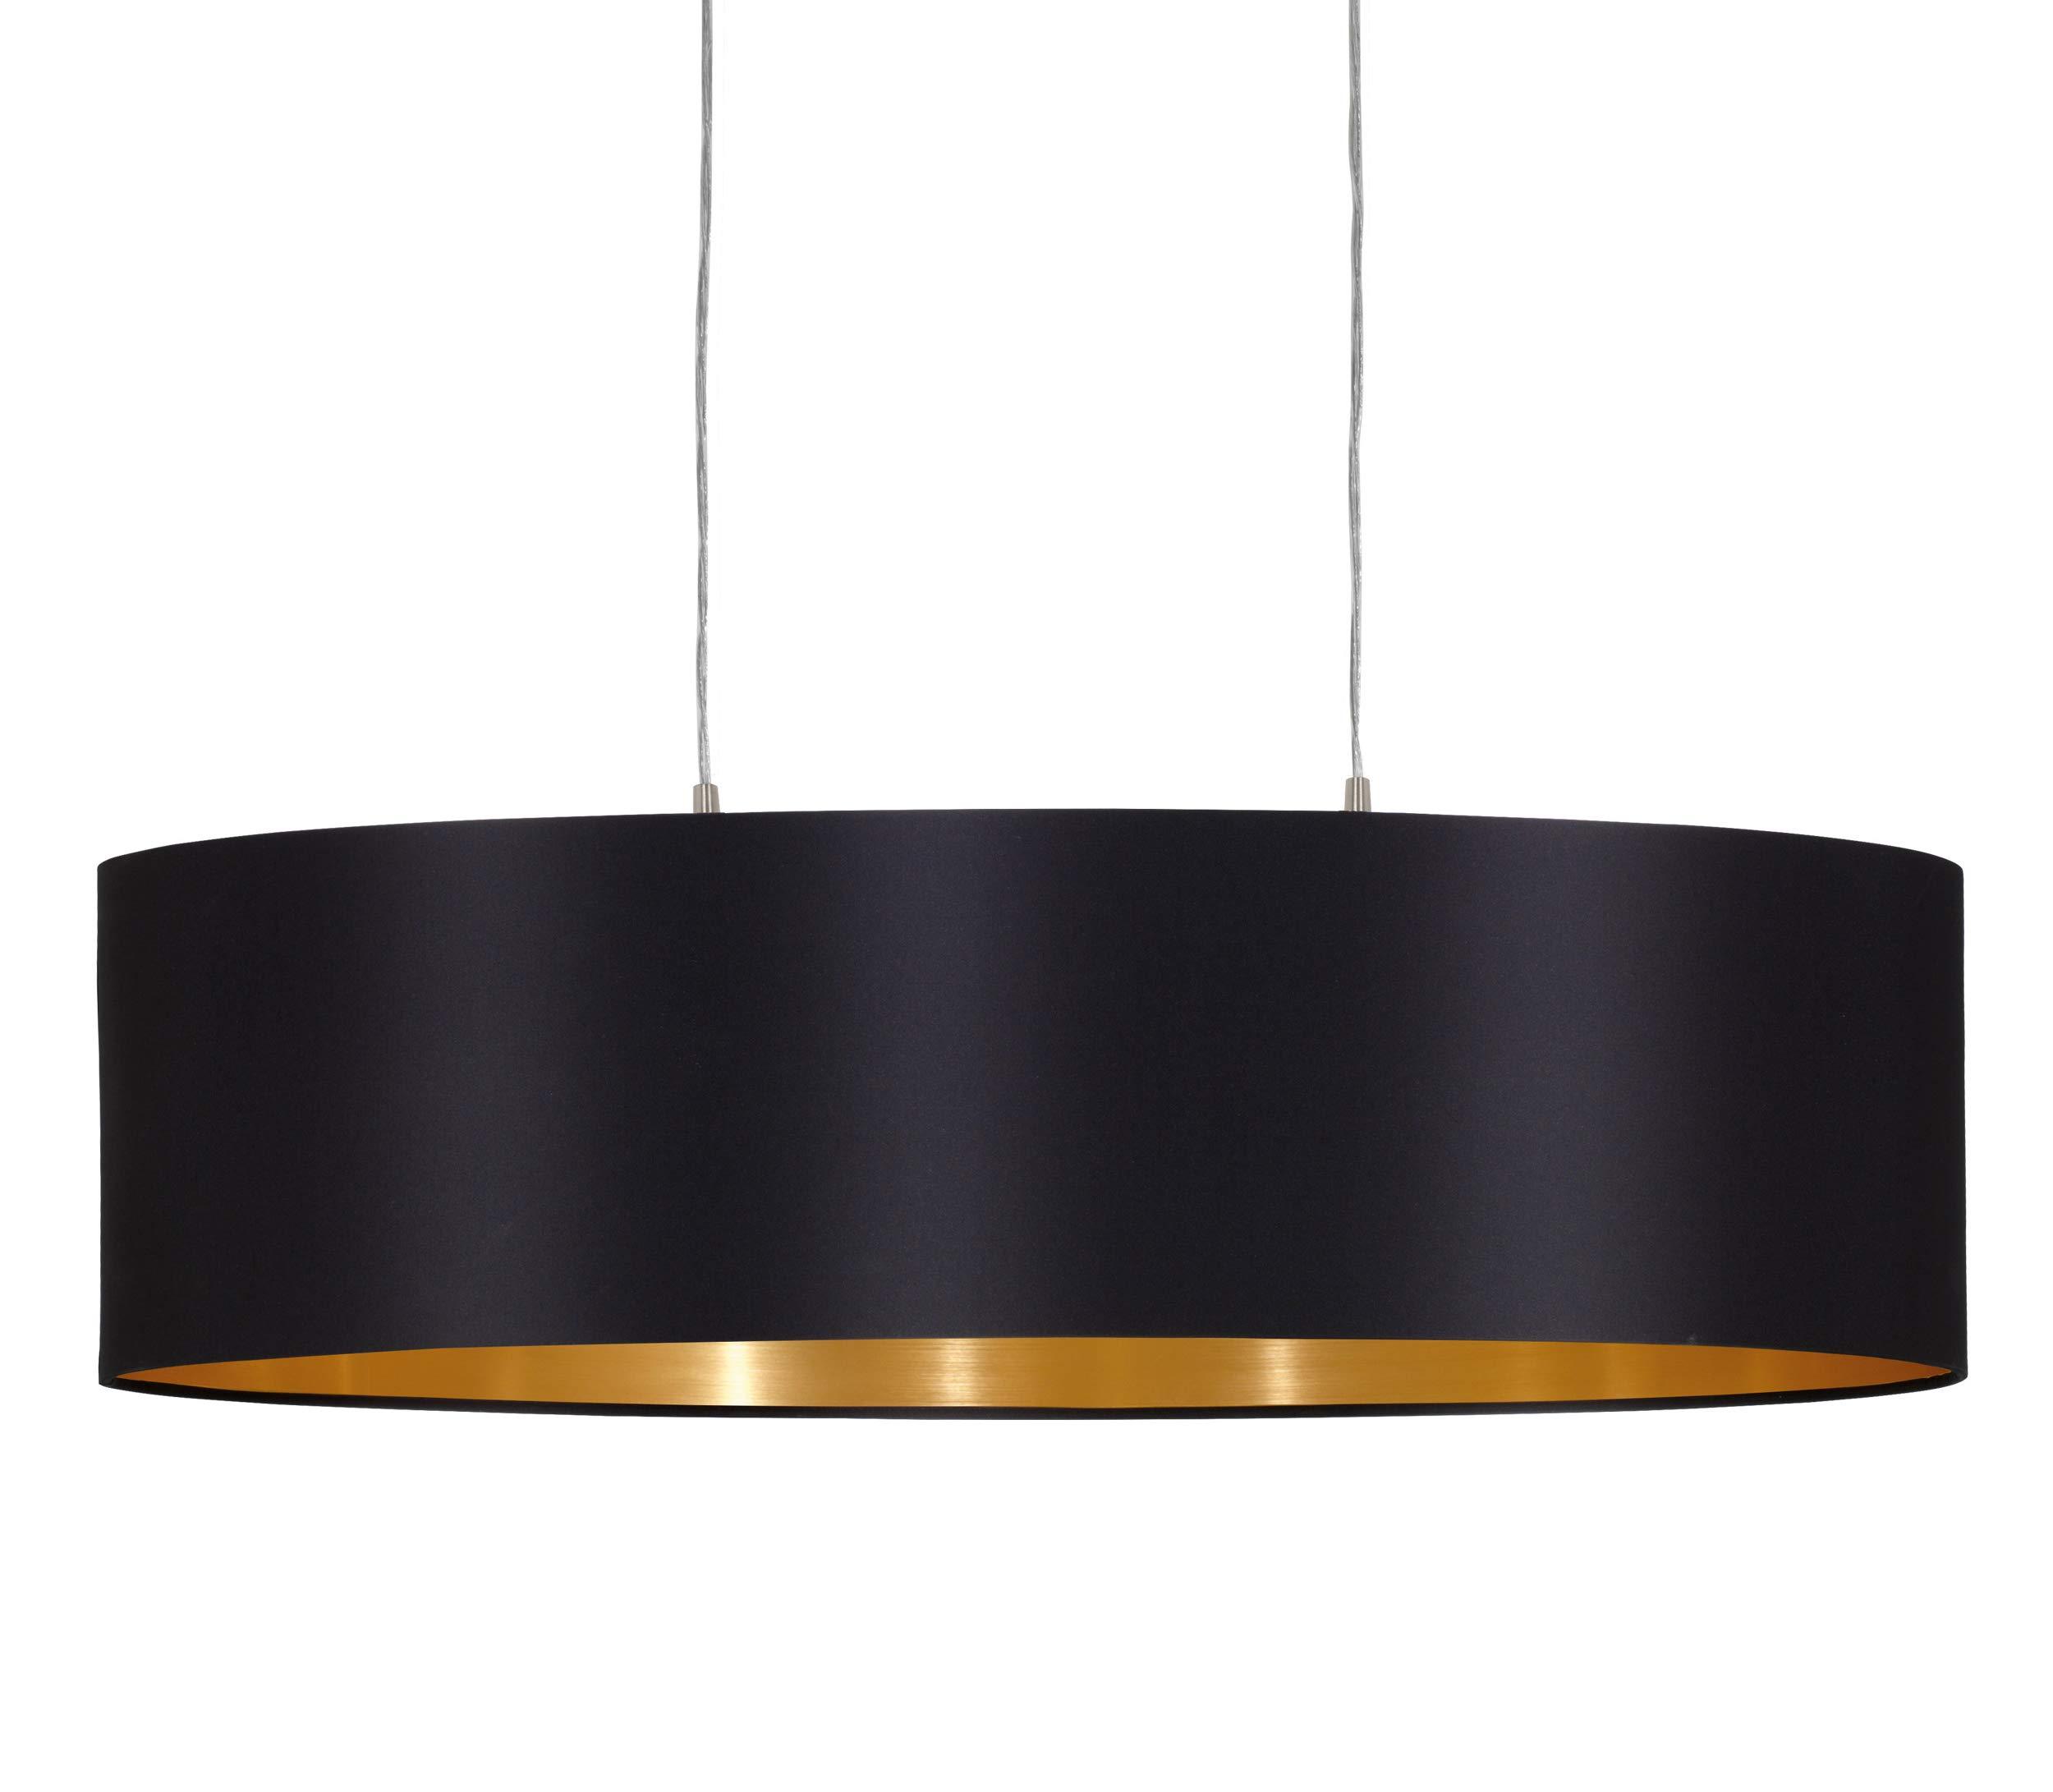 EGLO 31611 lampadario in nichel-Matt Ø paralume, nero/oro acciaio, 78 cm, glühlampe, argento